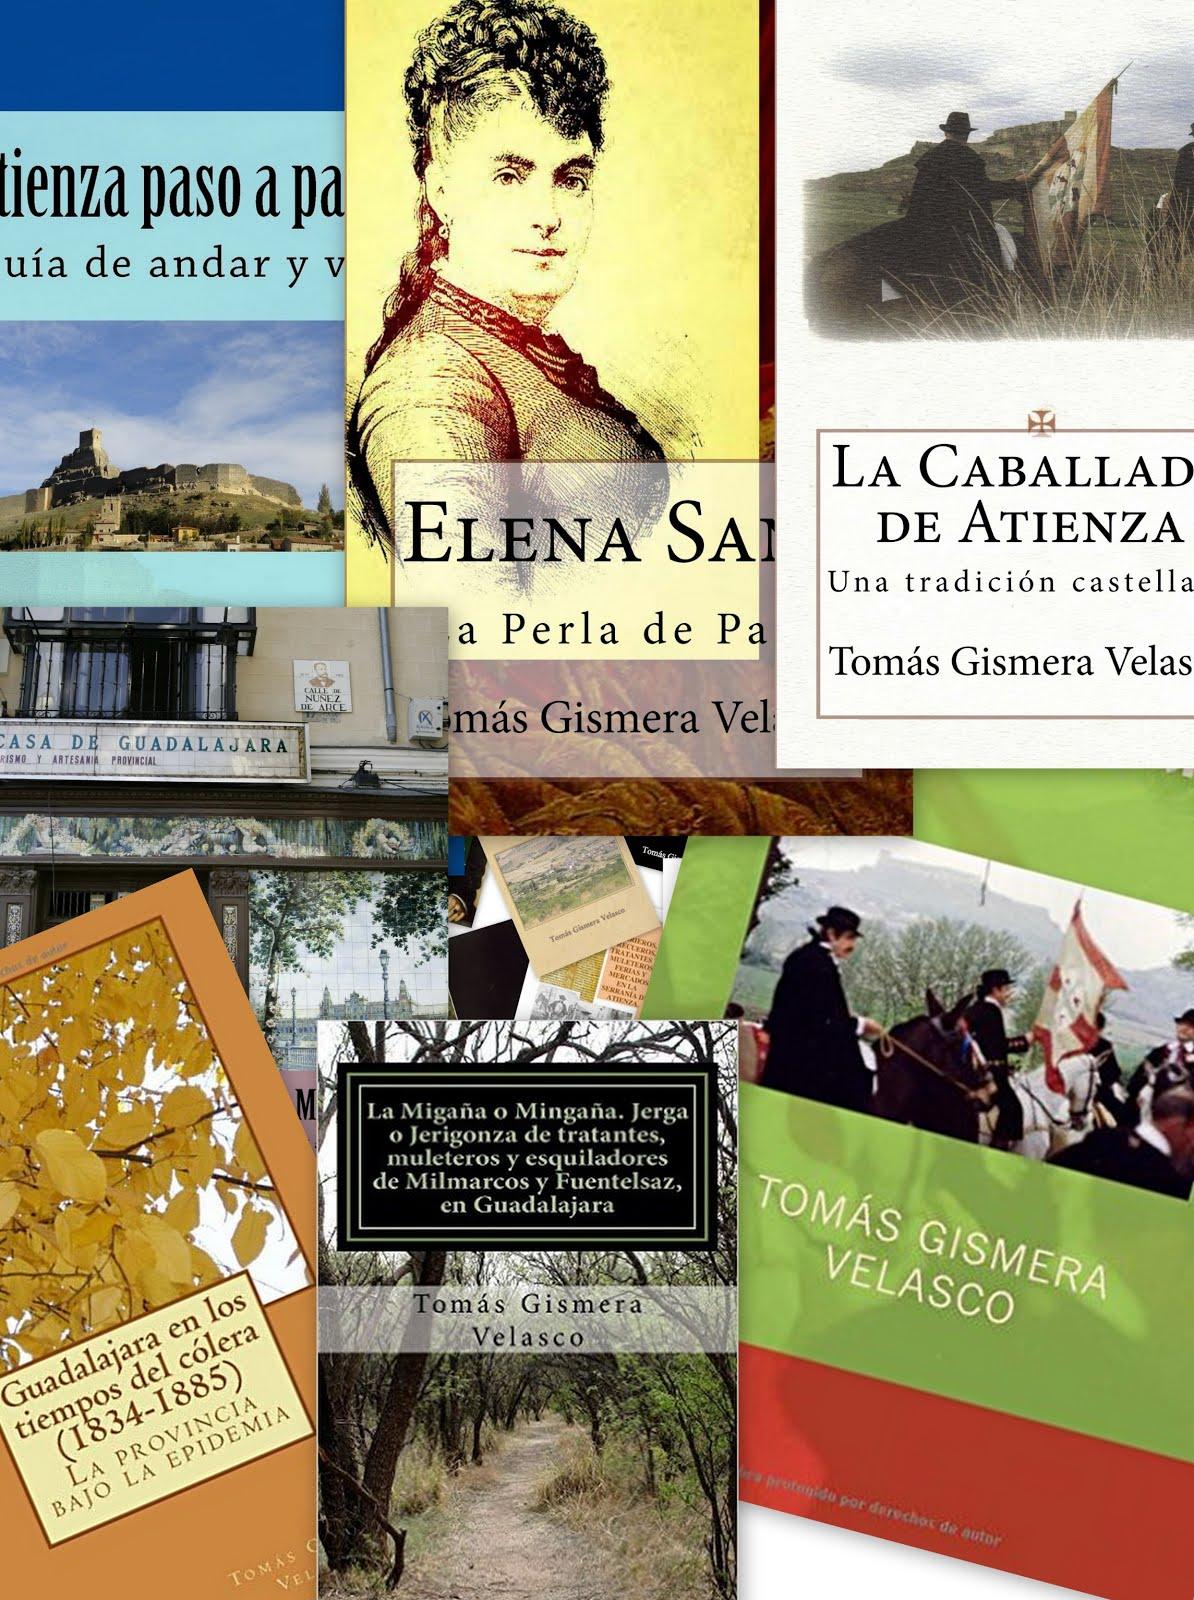 Libros de Tomás Gismera